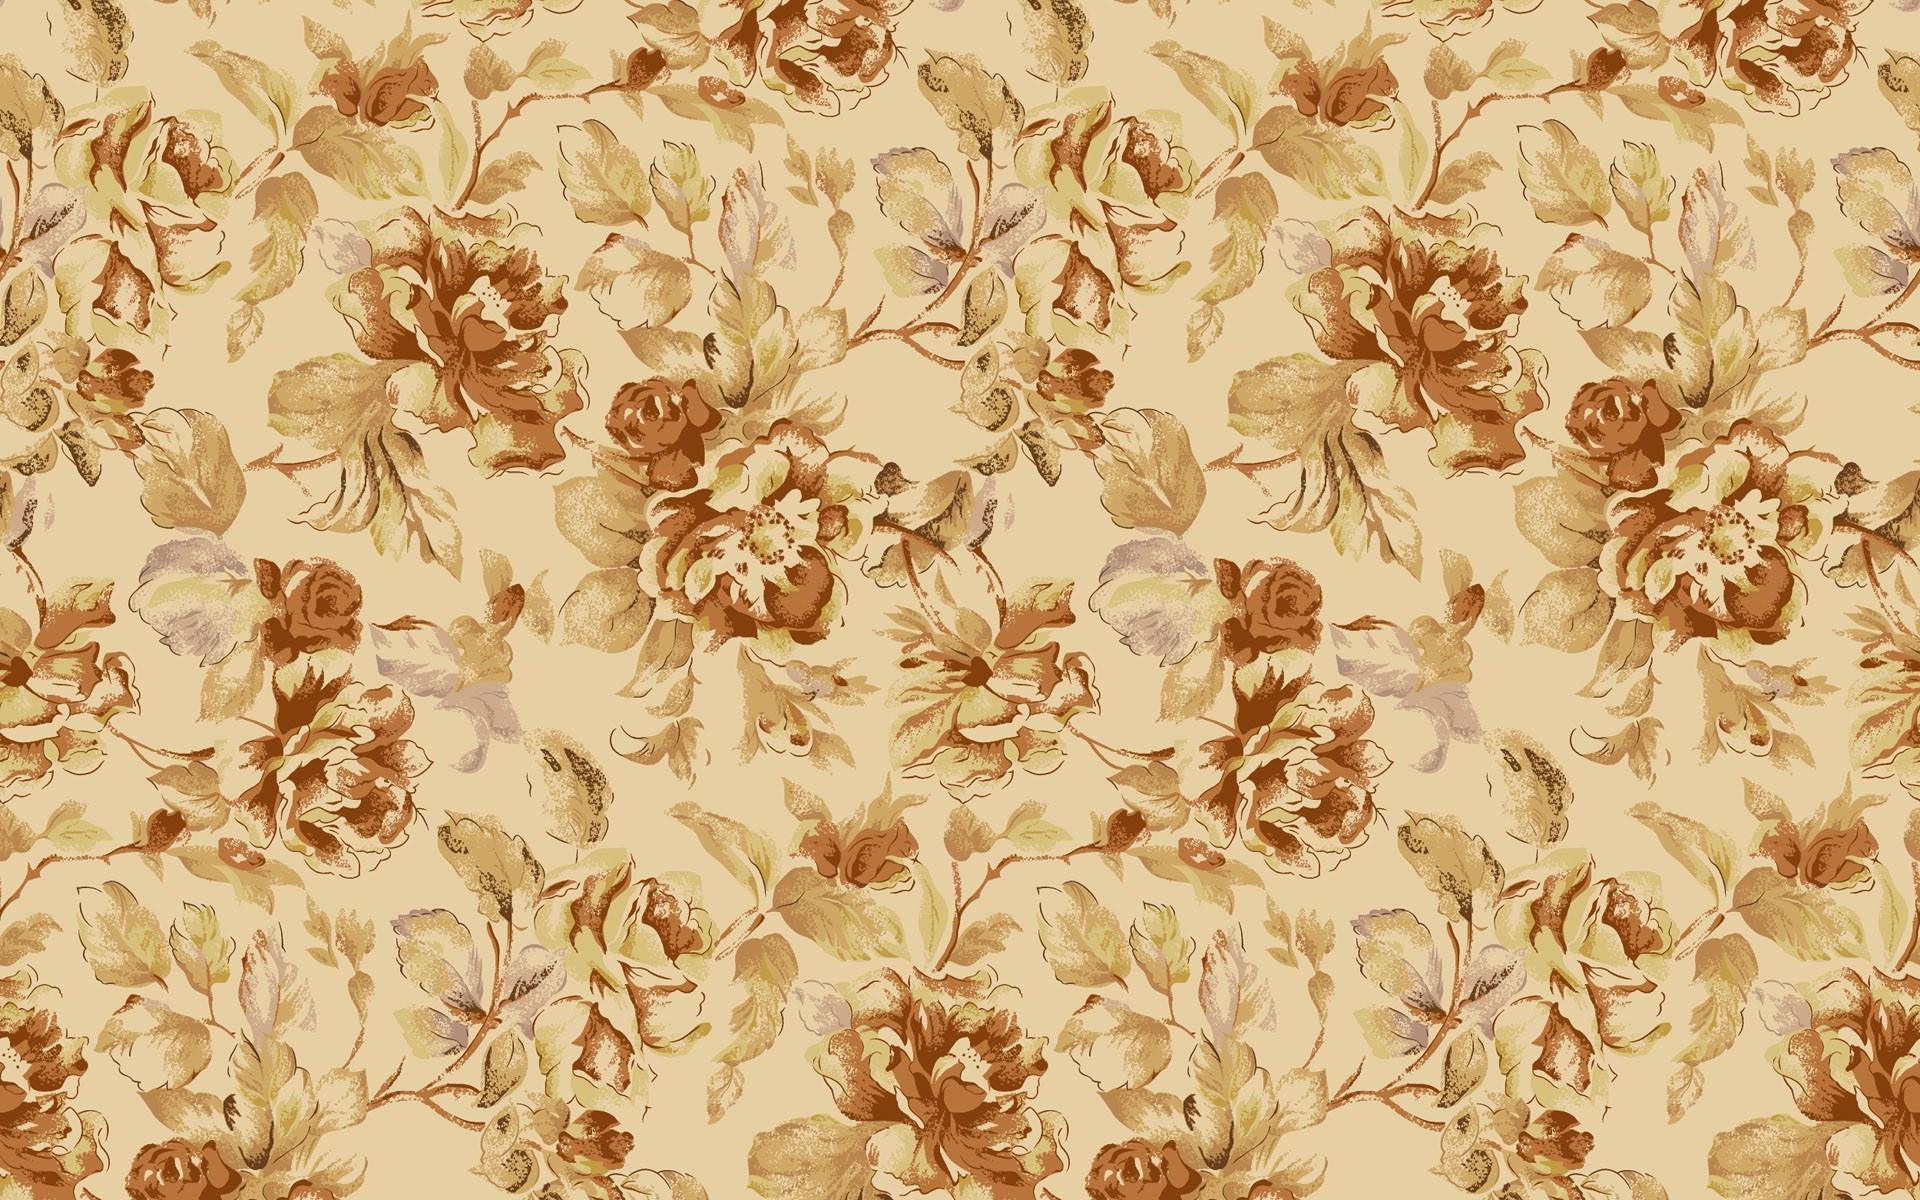 Vintage Floral Backgrounds For Desktop